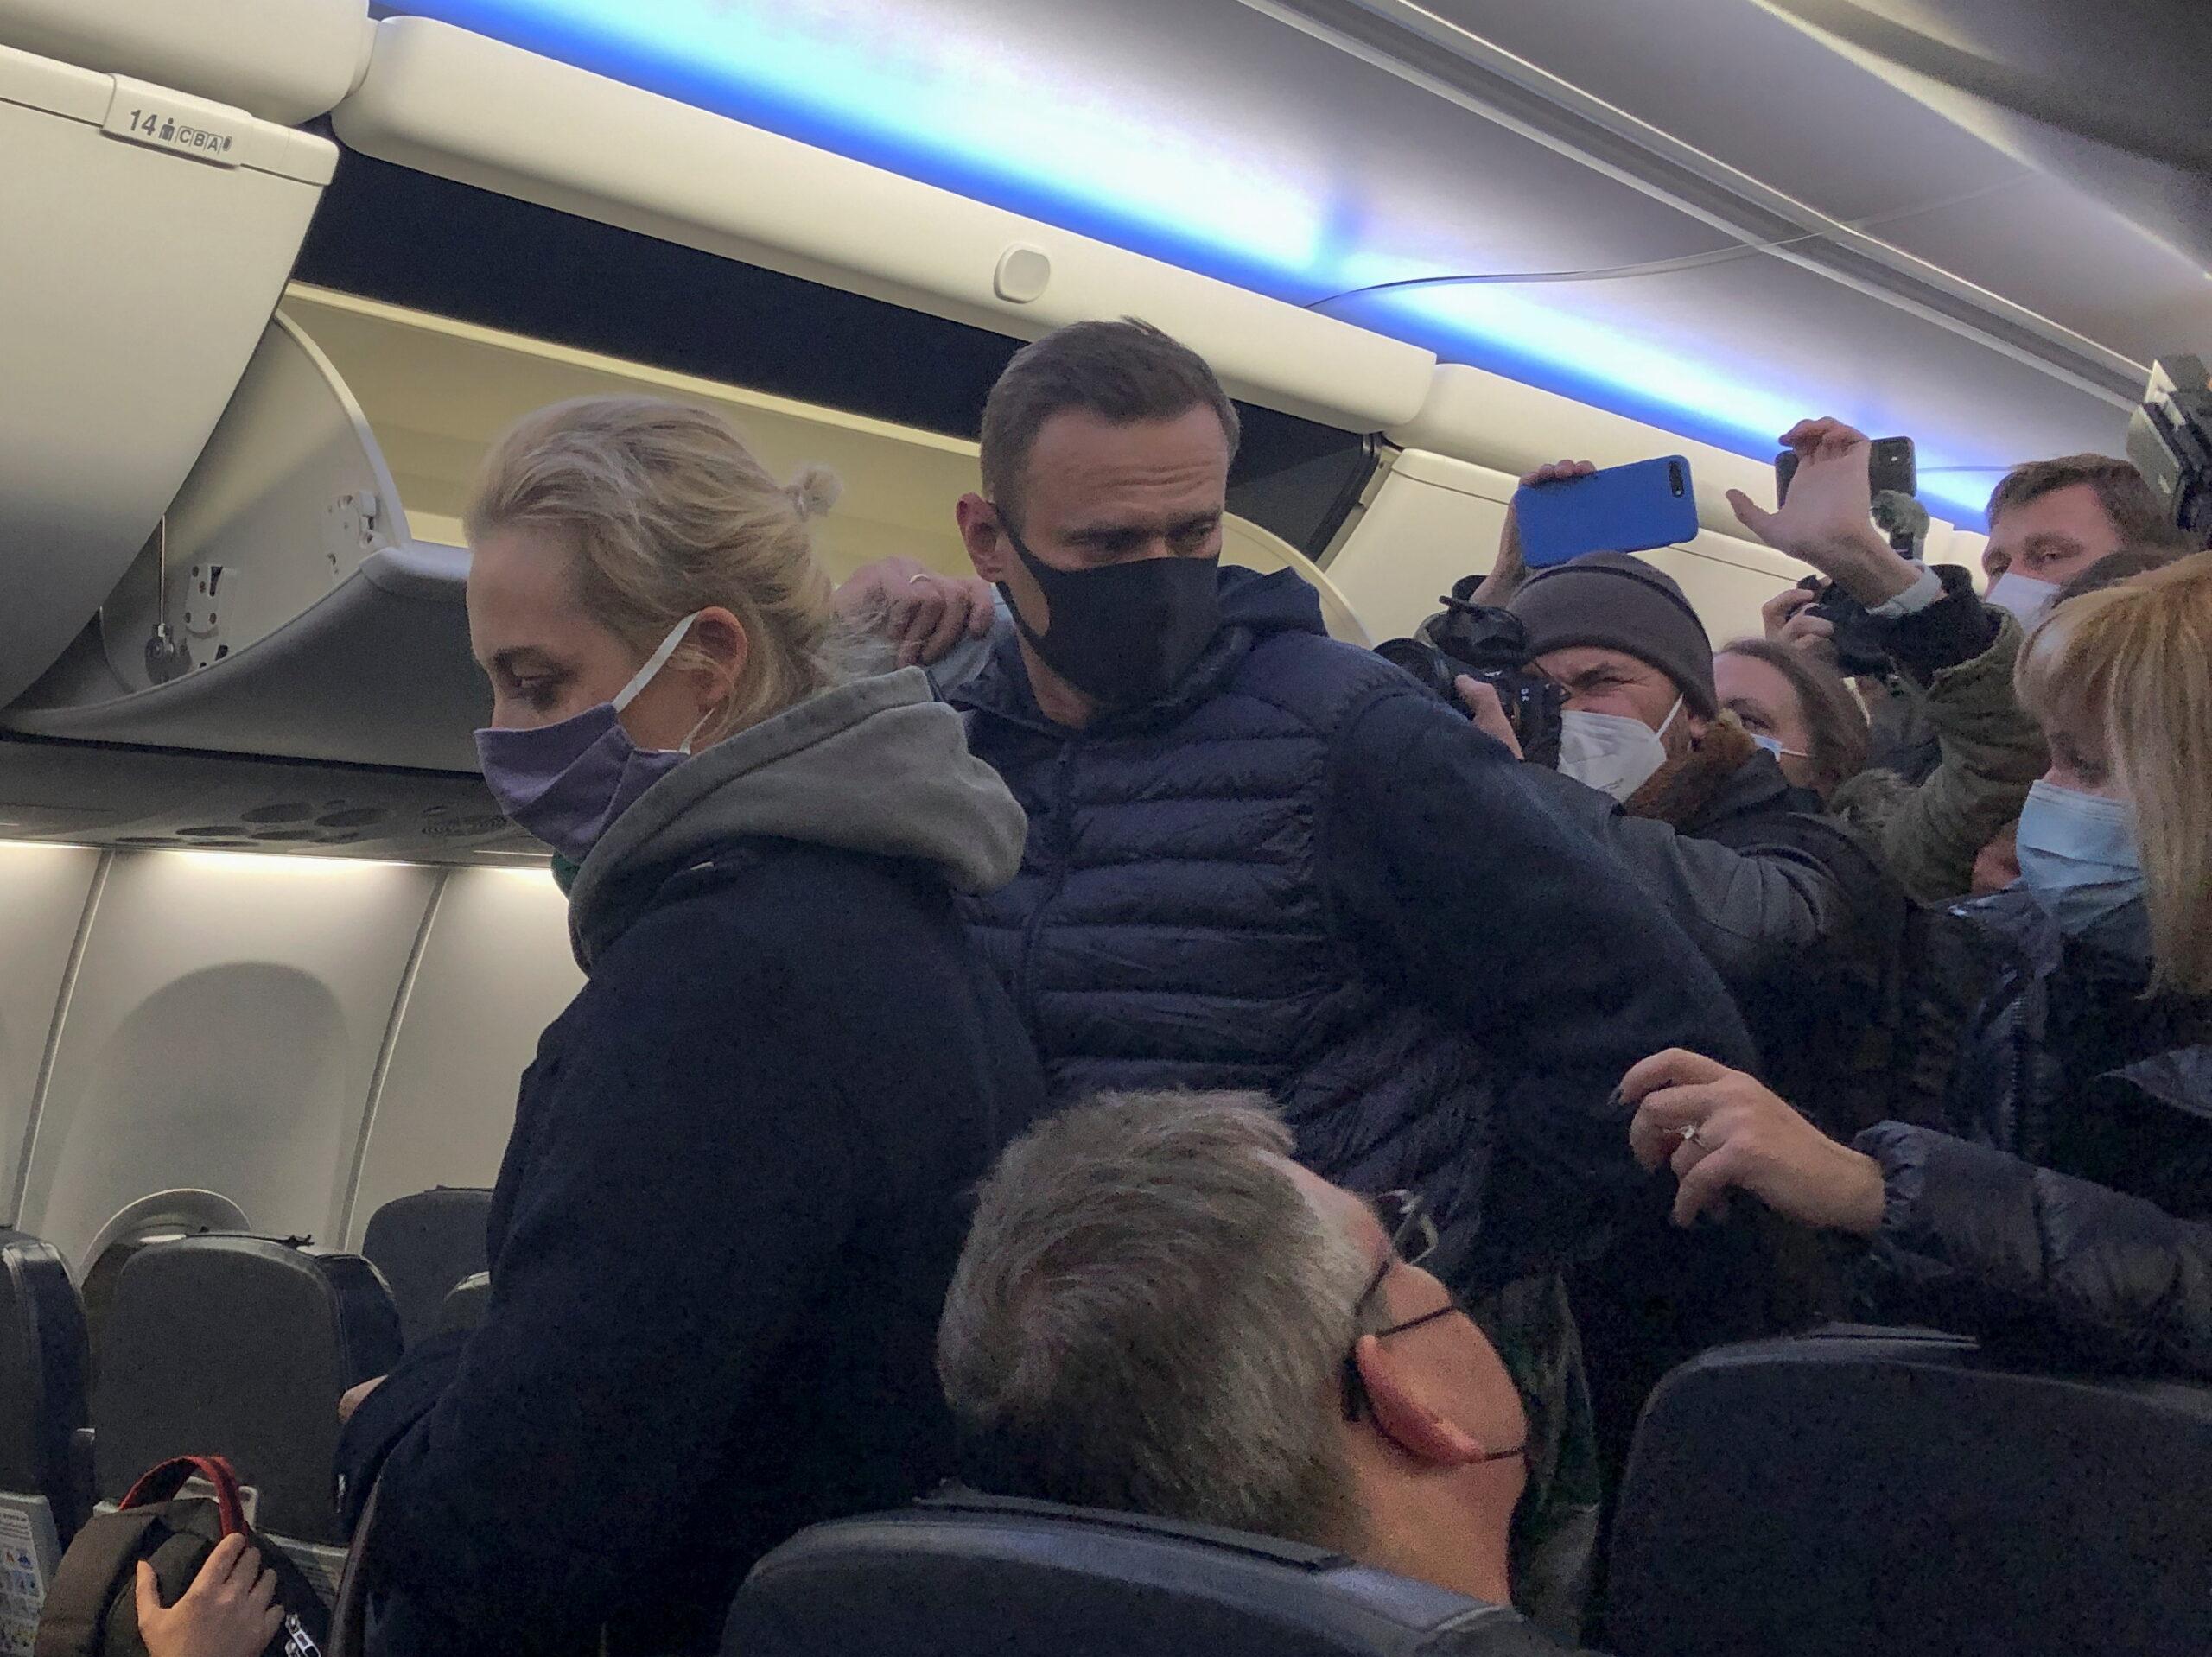 El líder opositor rus Aleksei Navalni en aterrar a Rússia per primera vegada després de ser víctima d'un intent d'enverinament   REUTERS/Polina Ivanova